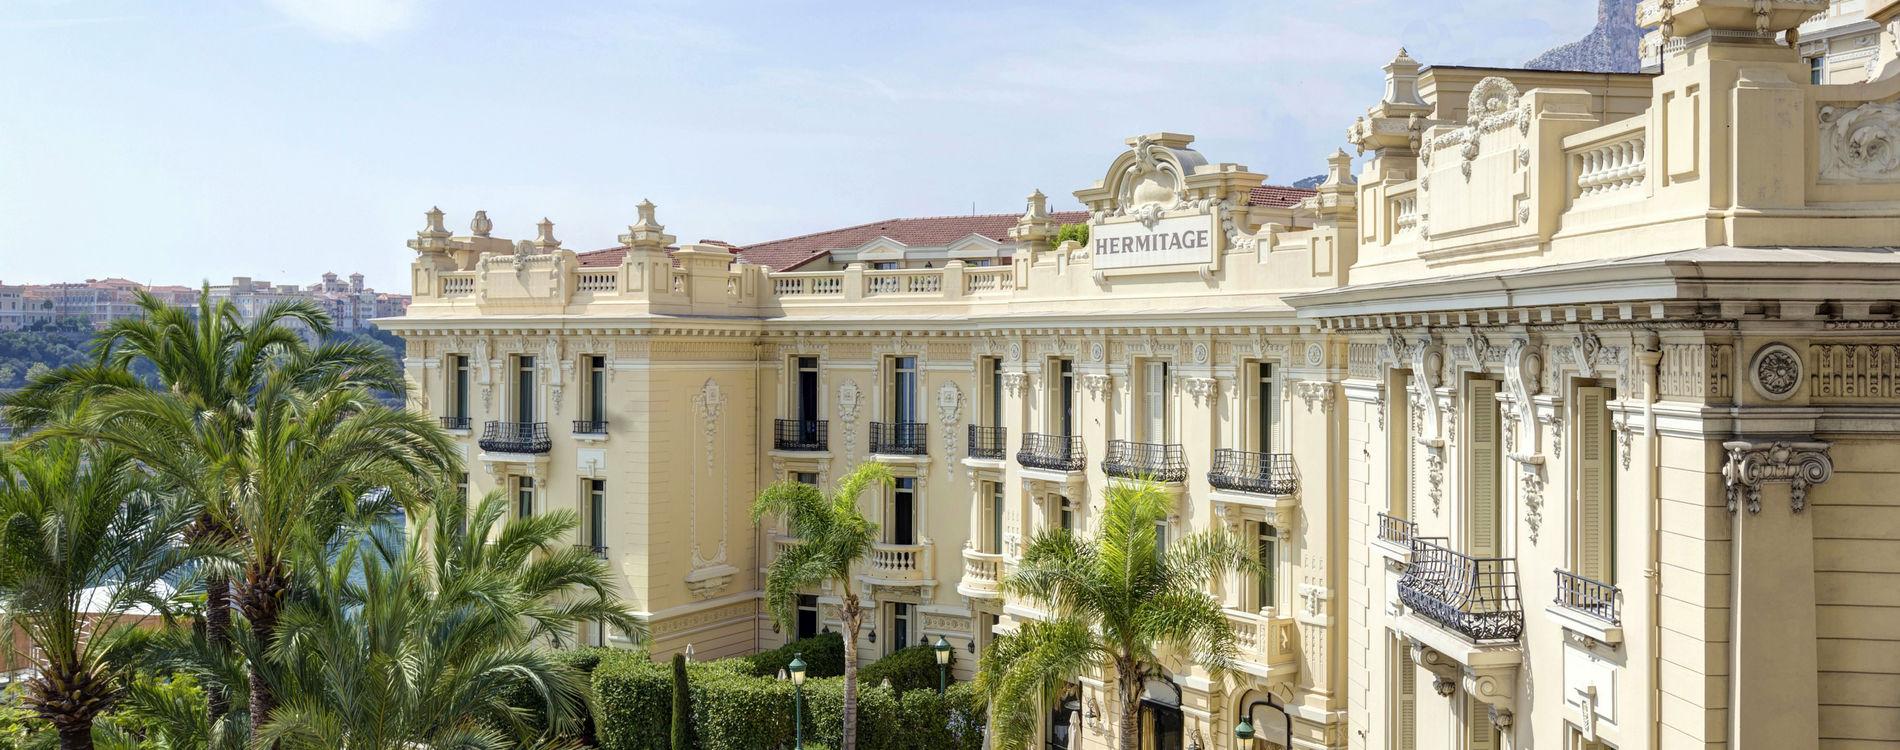 Hôtel Hermitage - Façade Excelsior